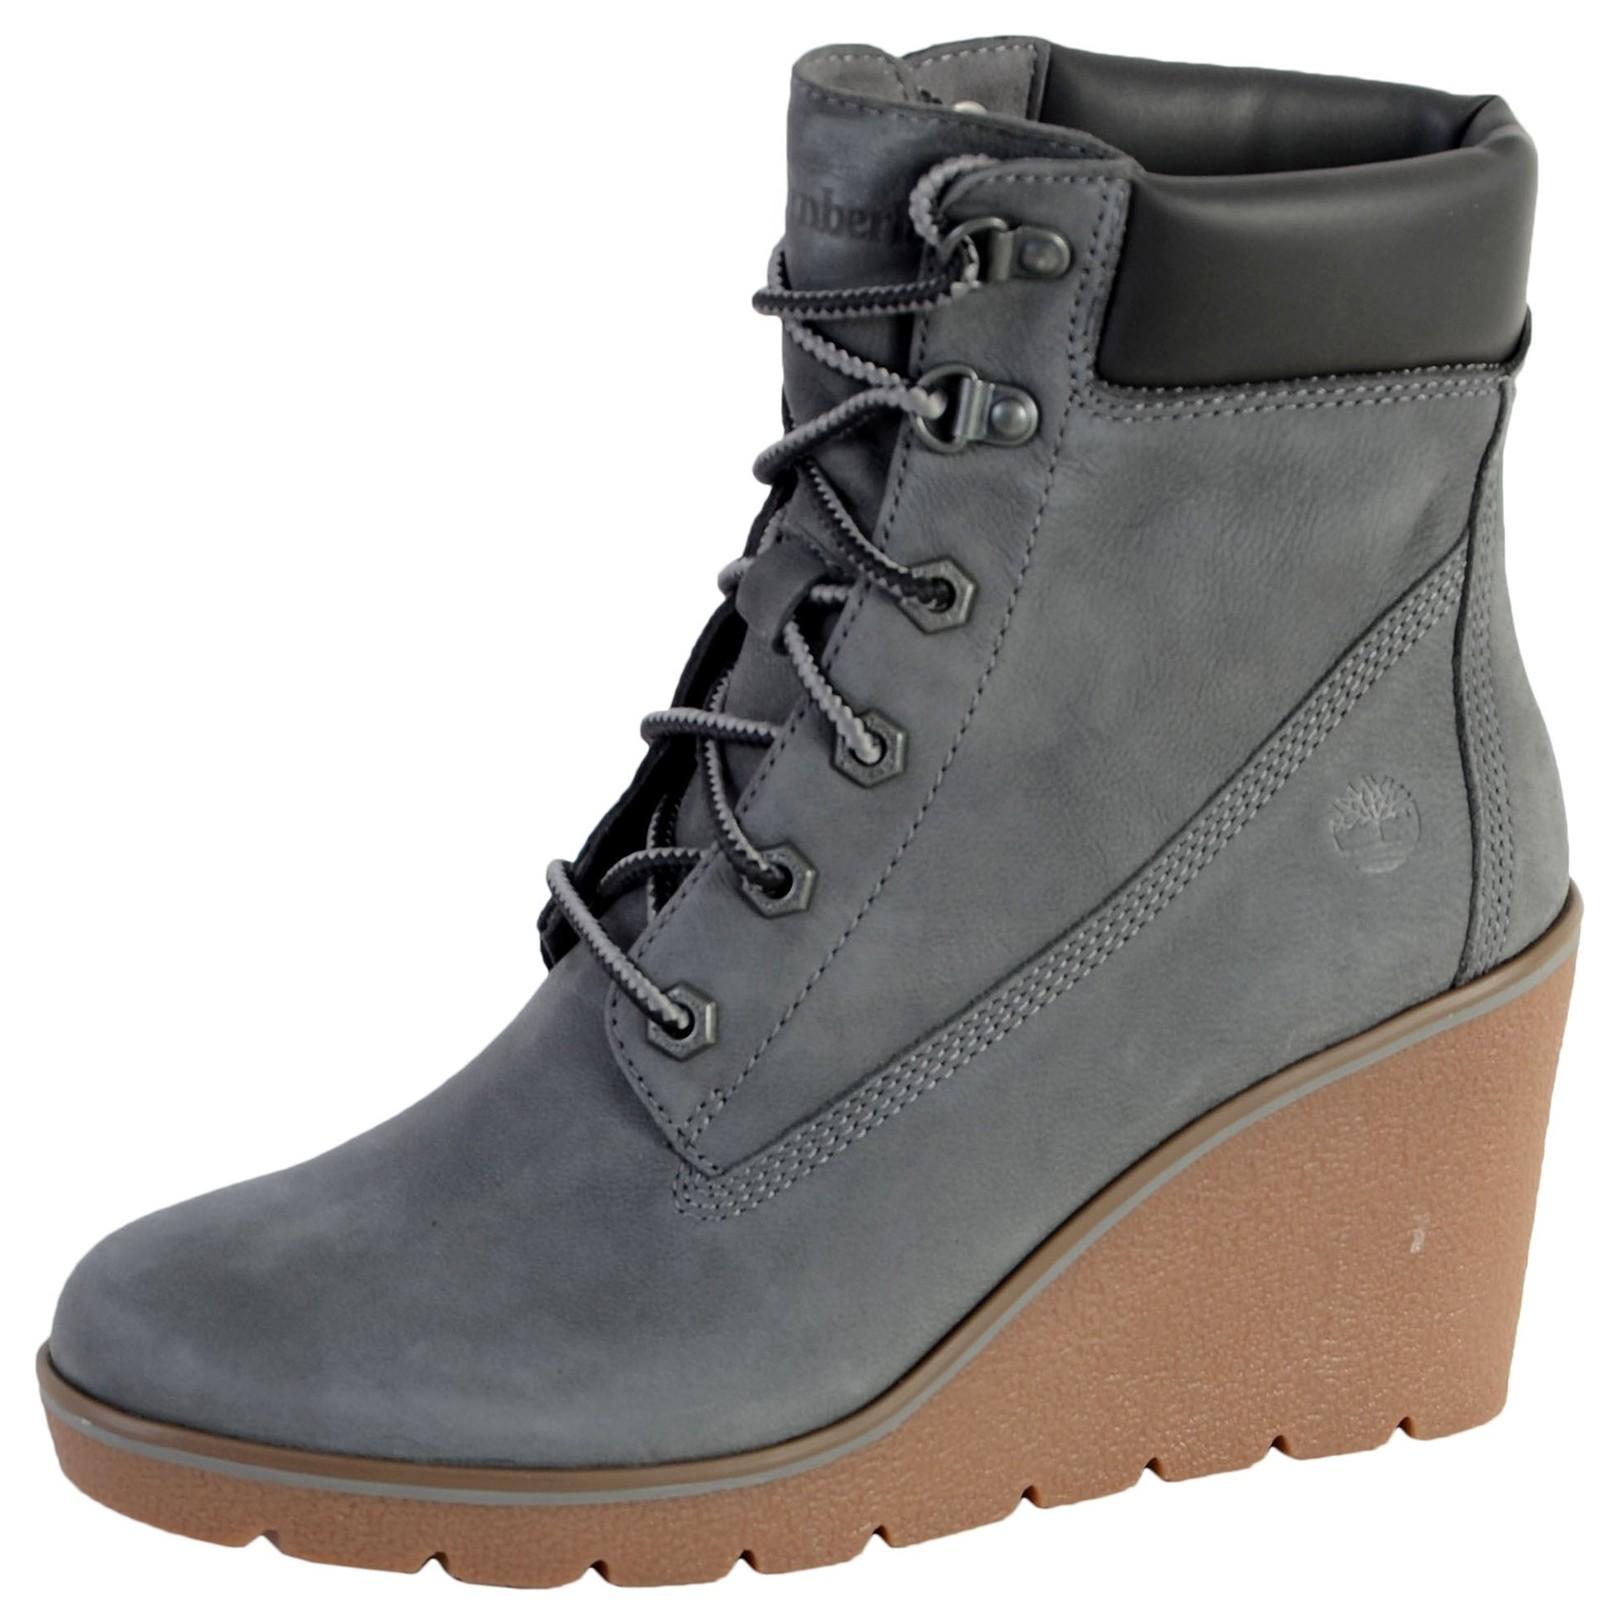 Boot Timberland Paris Height